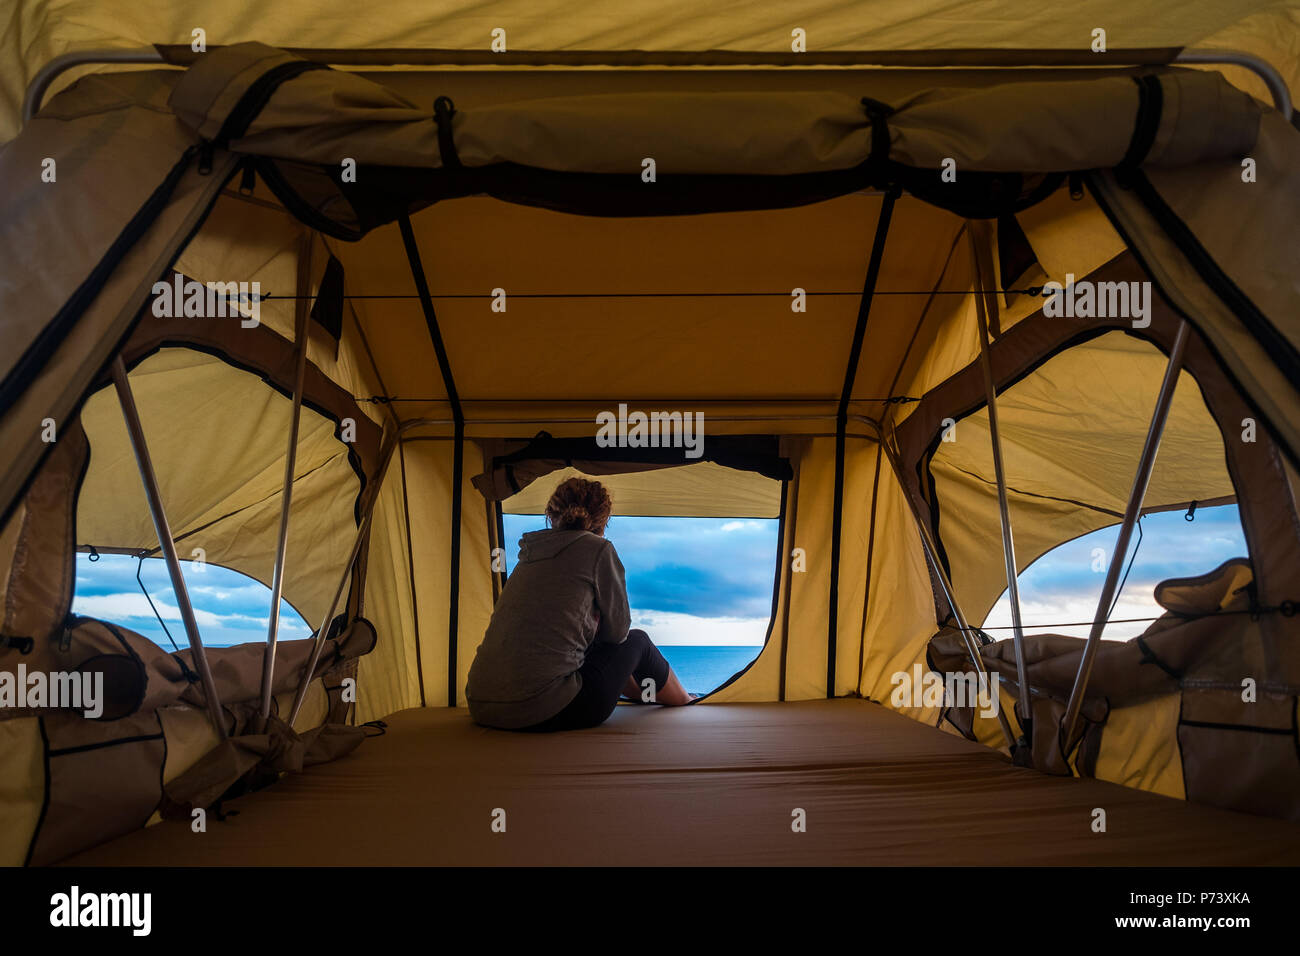 Lonely independiente fuerte mujer de mediana edad sentir la naturaleza al aire libre en una tienda de campaña en el techo del coche. viajes, vida y estilo wanderlust concepto para hermoso Imagen De Stock